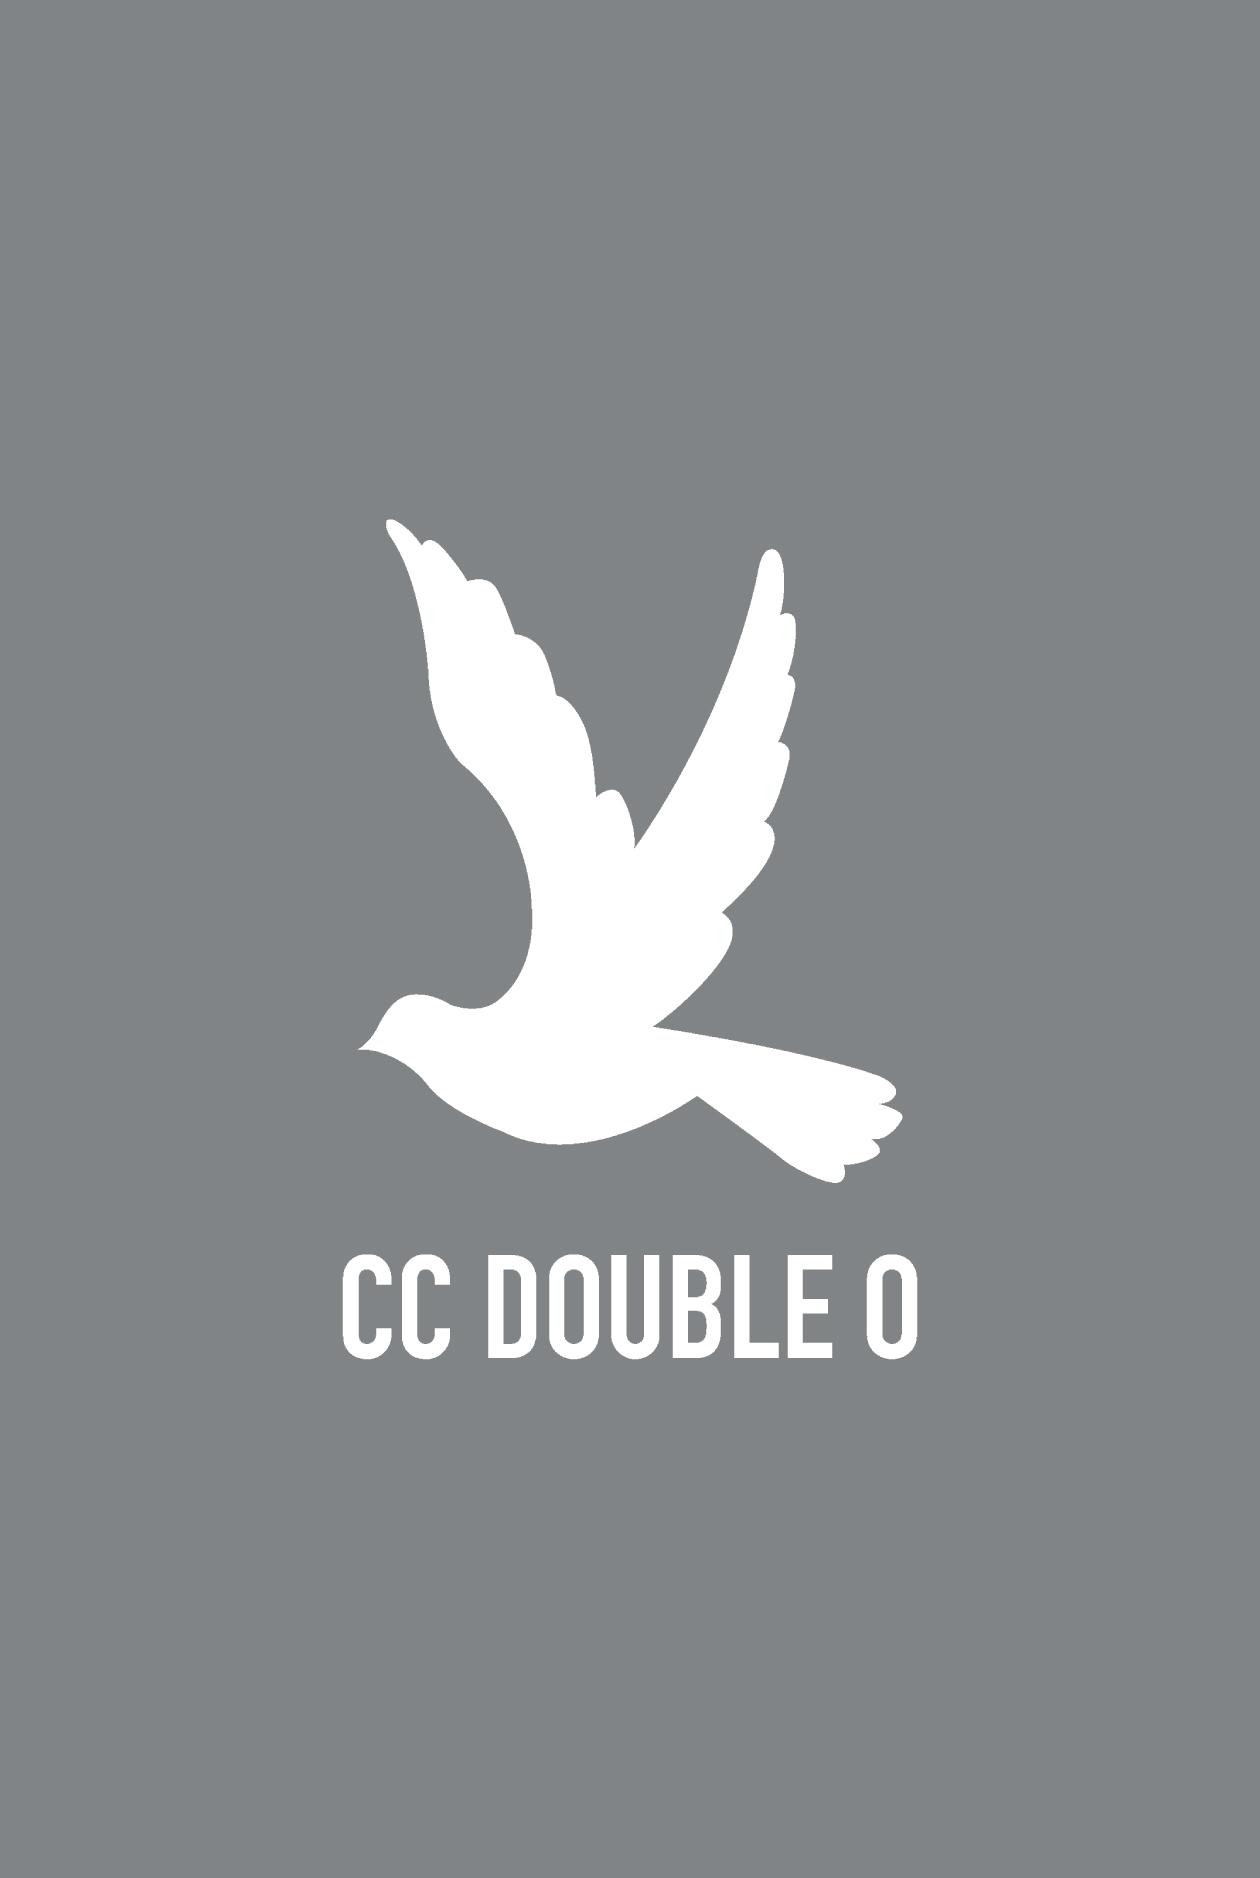 Bird Logo Polo with CC DOUBLE O Logo Detail